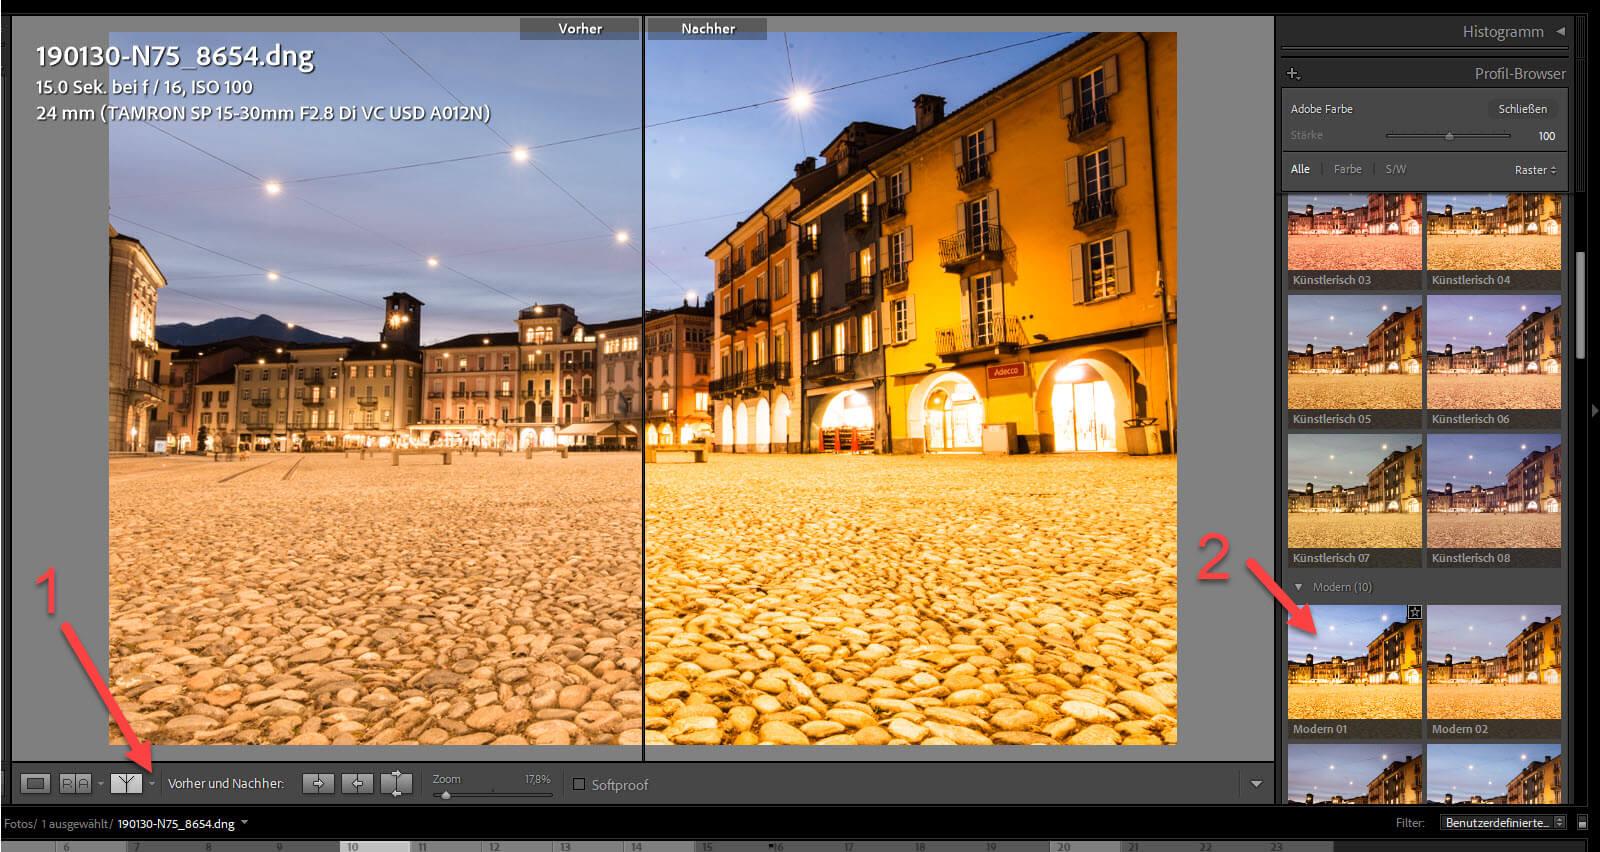 Profil Browser in Lightroom 3